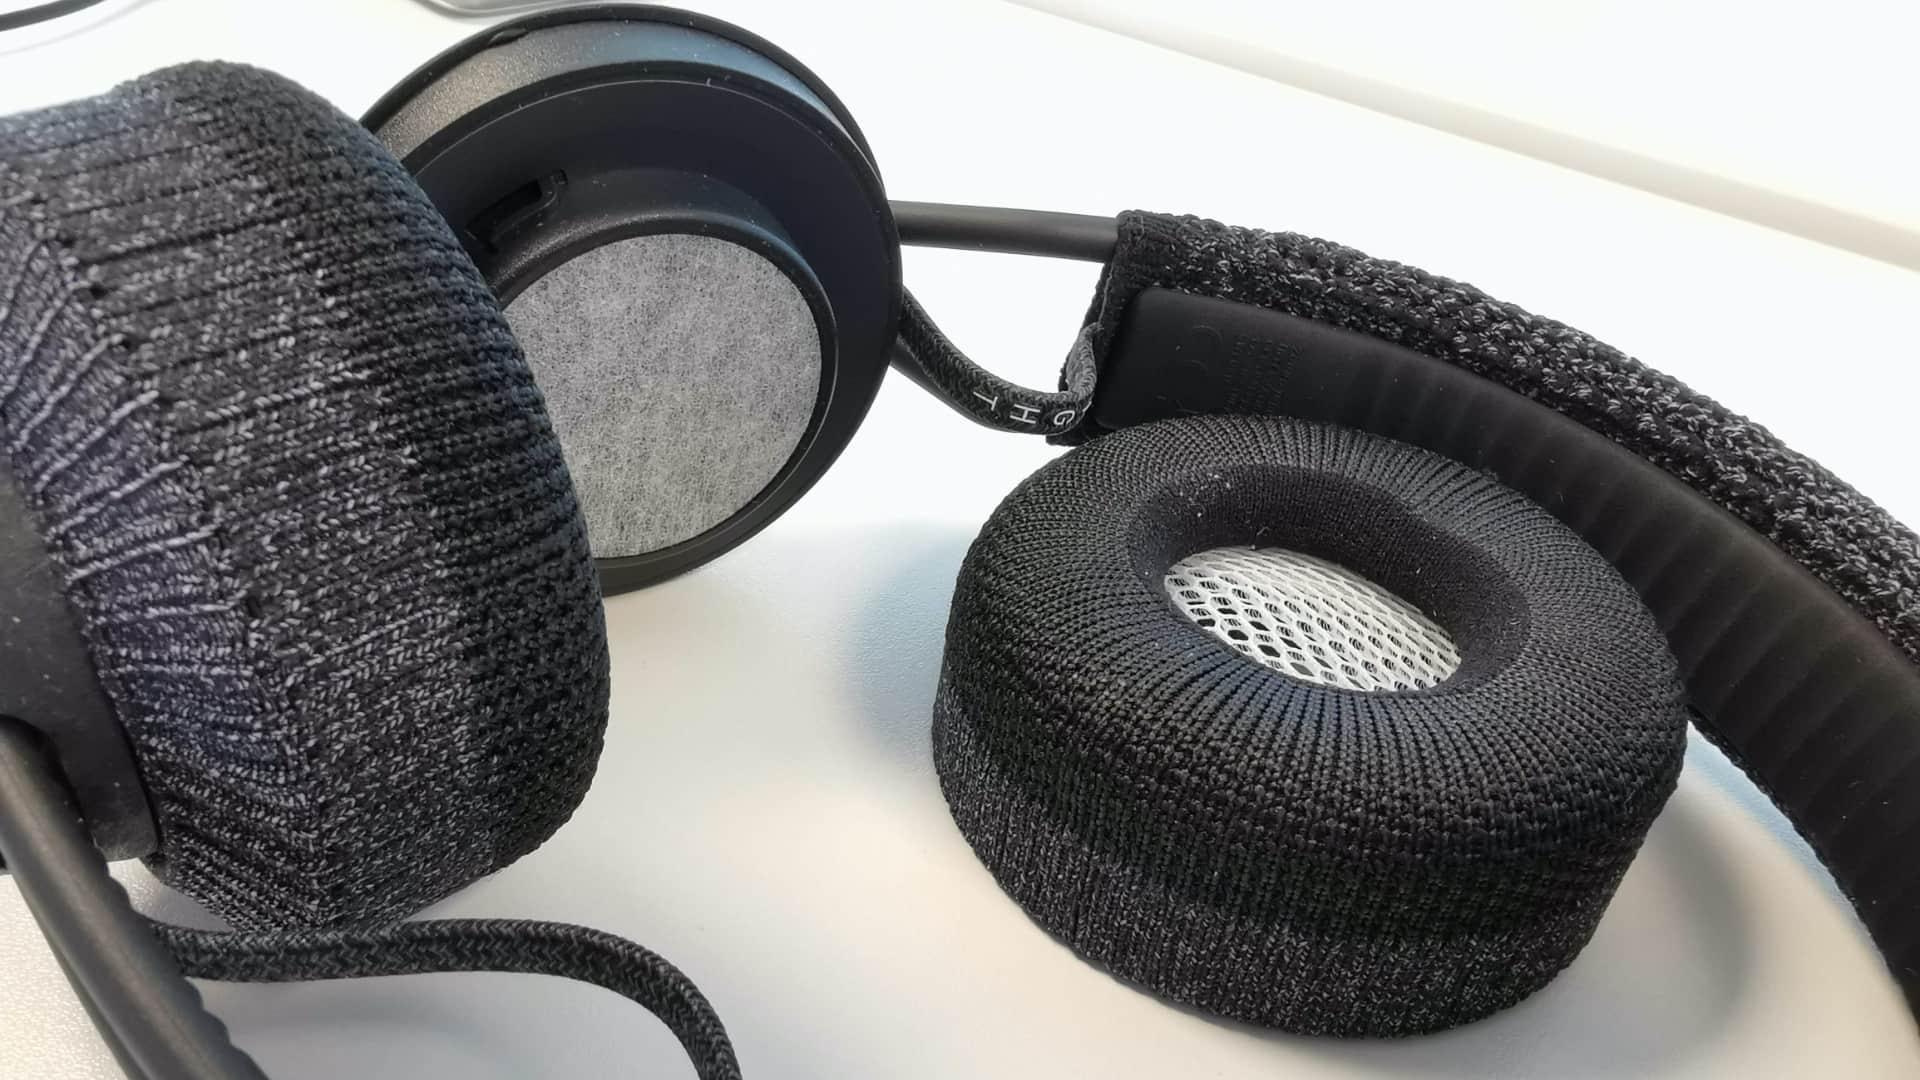 Billede af Adidas RPT-01, hvor den aftagelige og vaskbare kop til ørerne ligger ved siden af